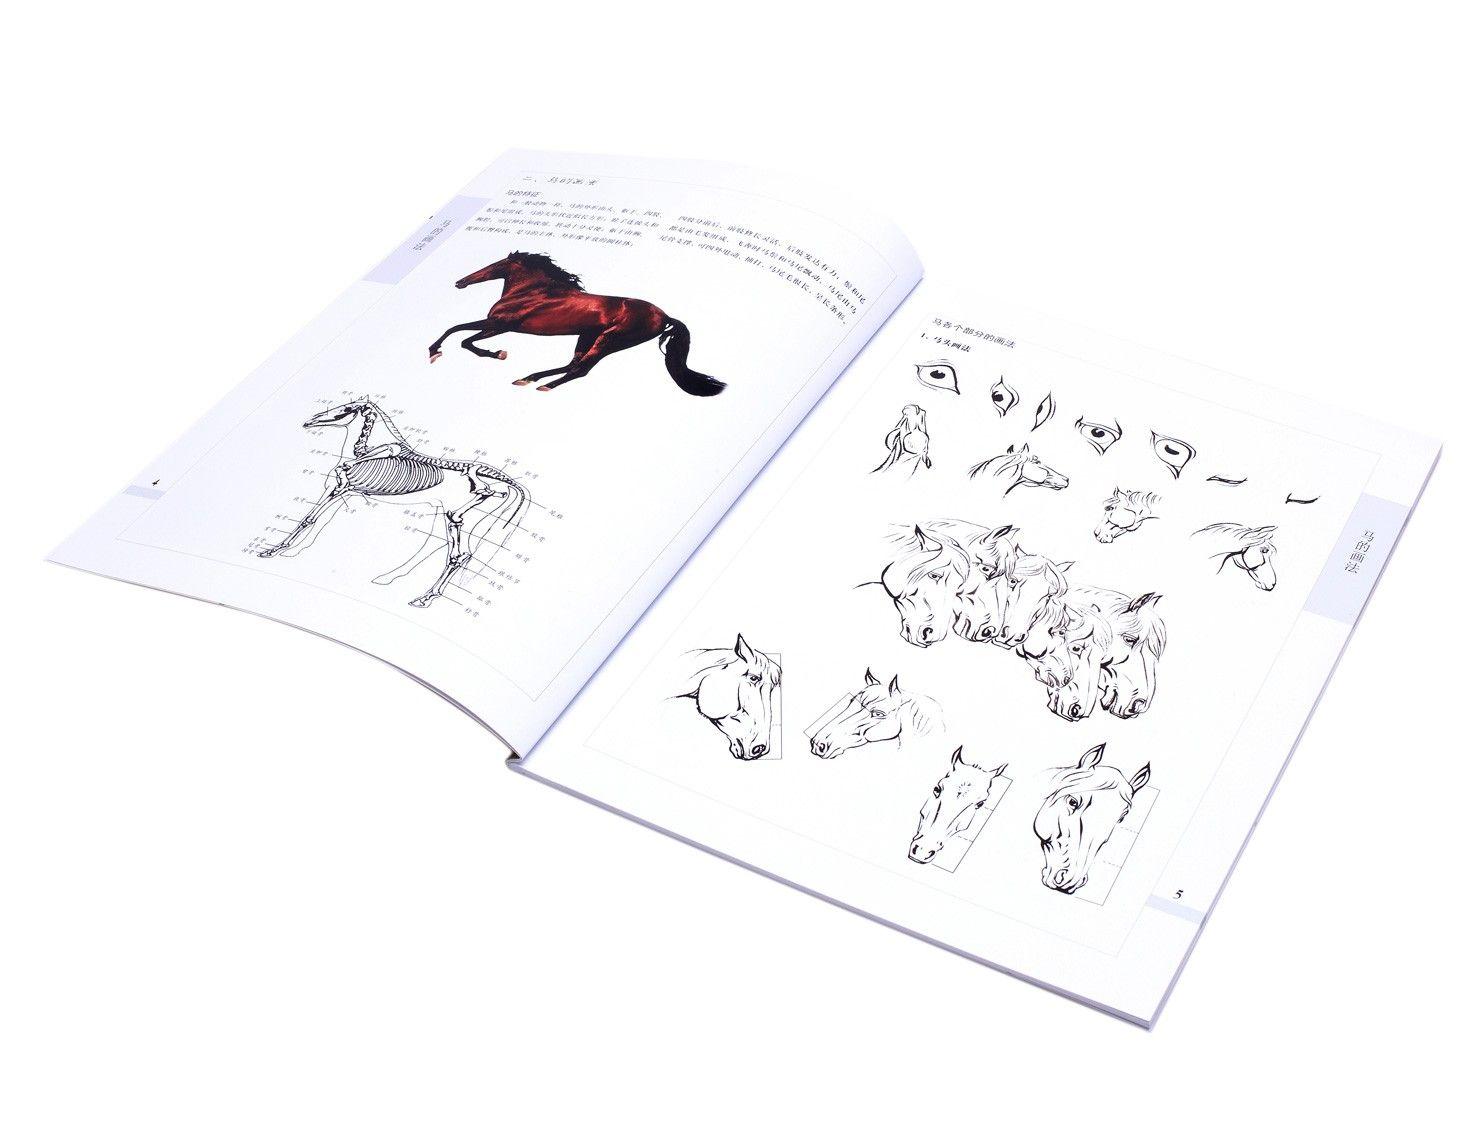 Sumi-e horse drawings #asian #artwork